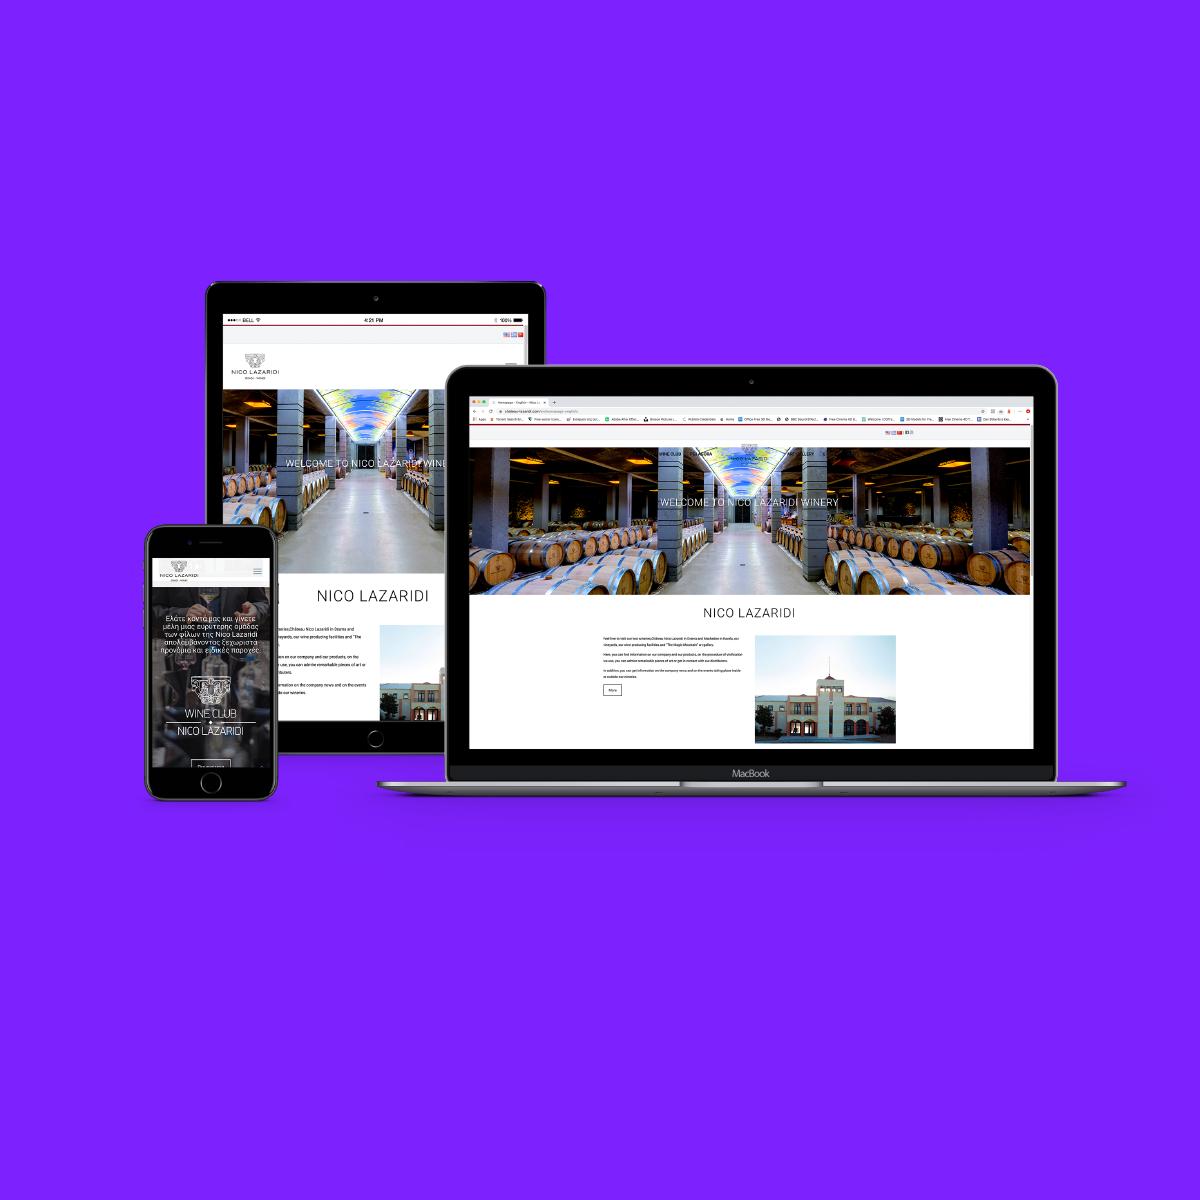 κατασκευή ιστοσελίδας nico lazaridi